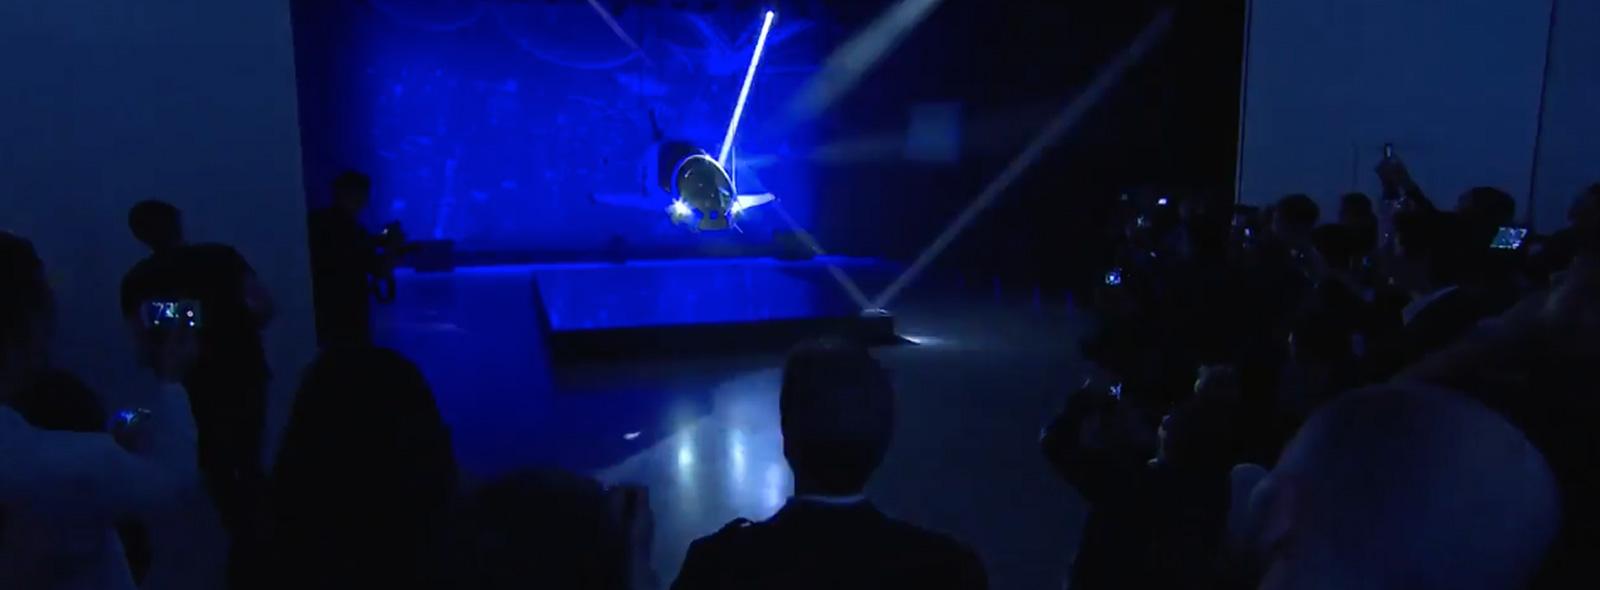 2017 Lexus SKYJET Valerian Gallery Video 02